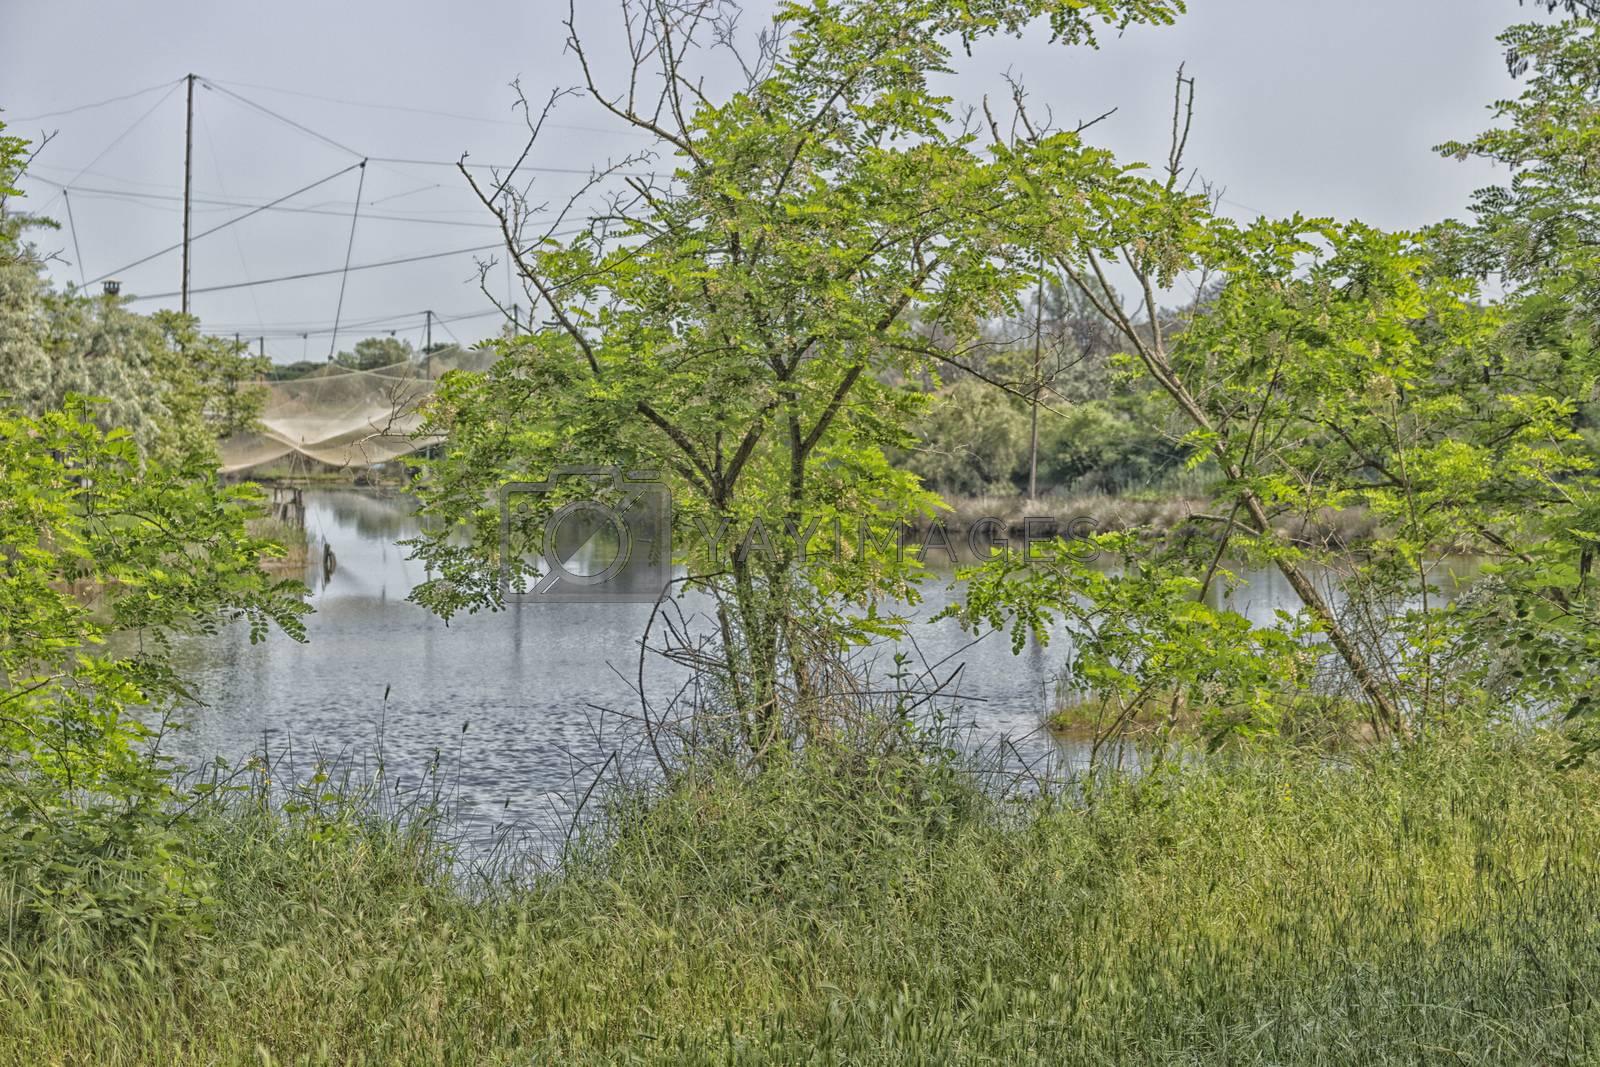 Fishing huts on the Pialassa della Baiona brackish lagoon near Marina Romea along the  Adriatic seaside in Ravenna (Italy)